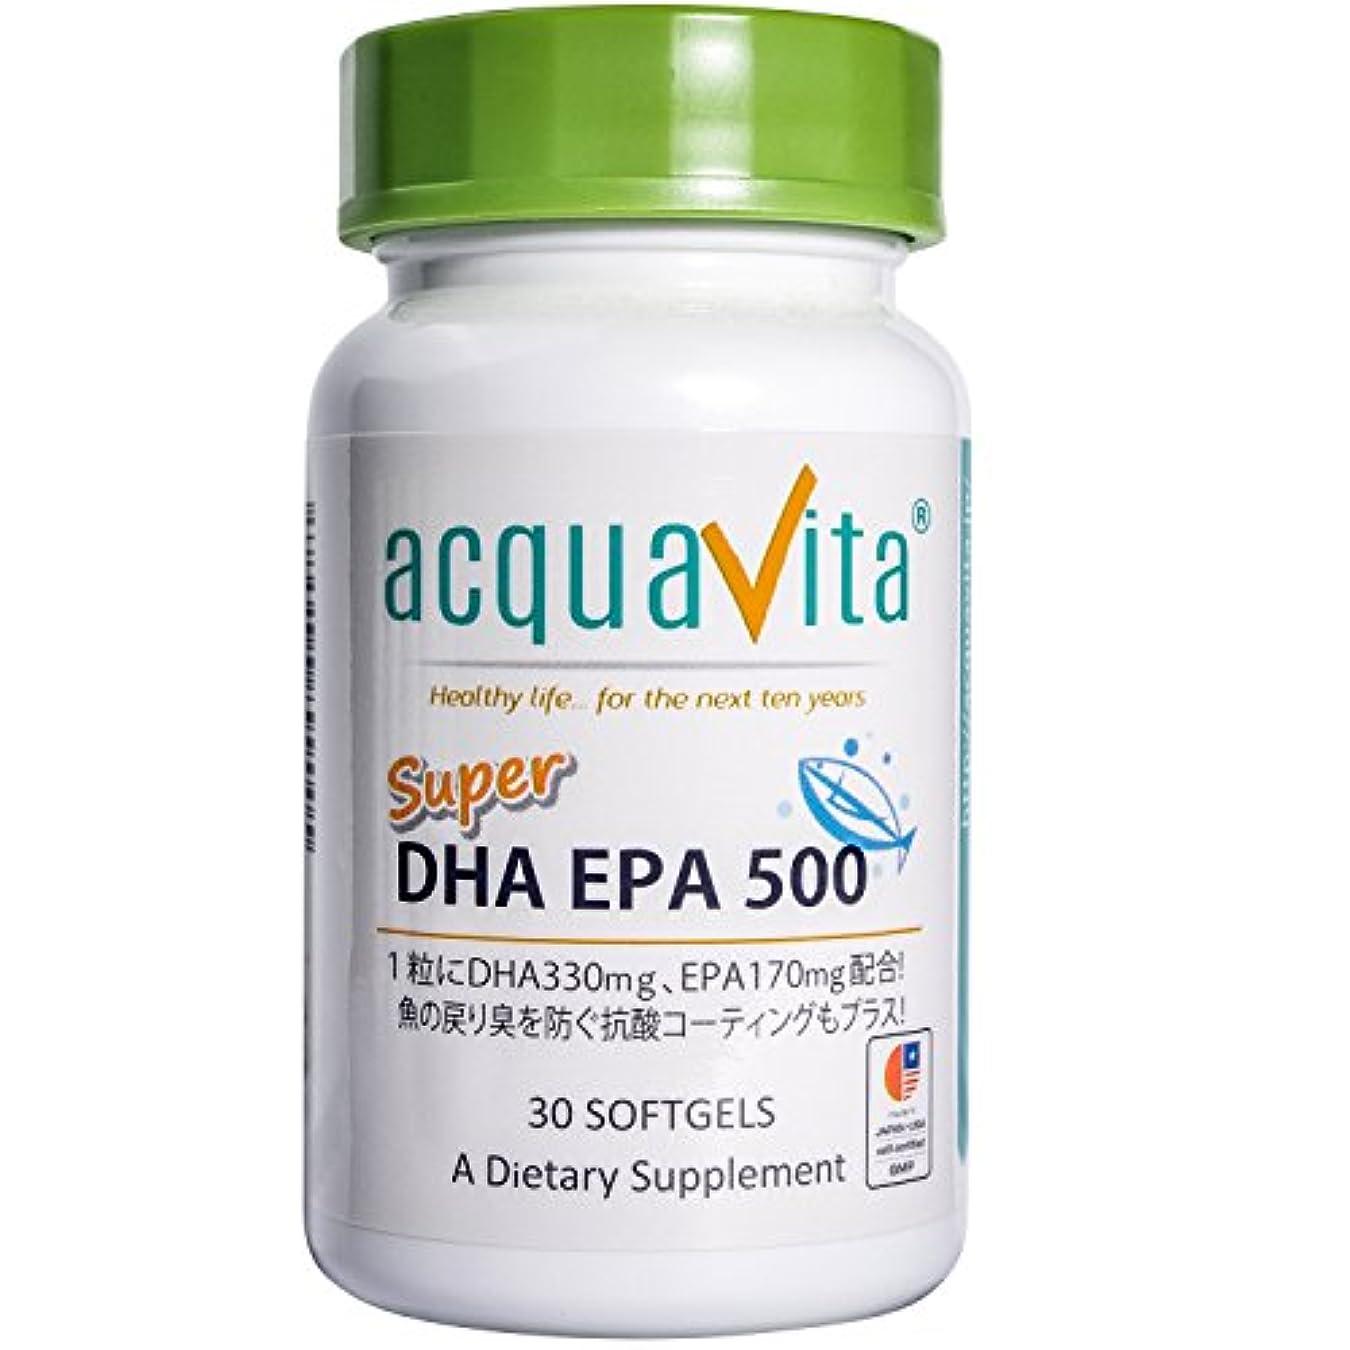 車両五資源acquavita(アクアヴィータ) スーパーDHAEPA500 30粒